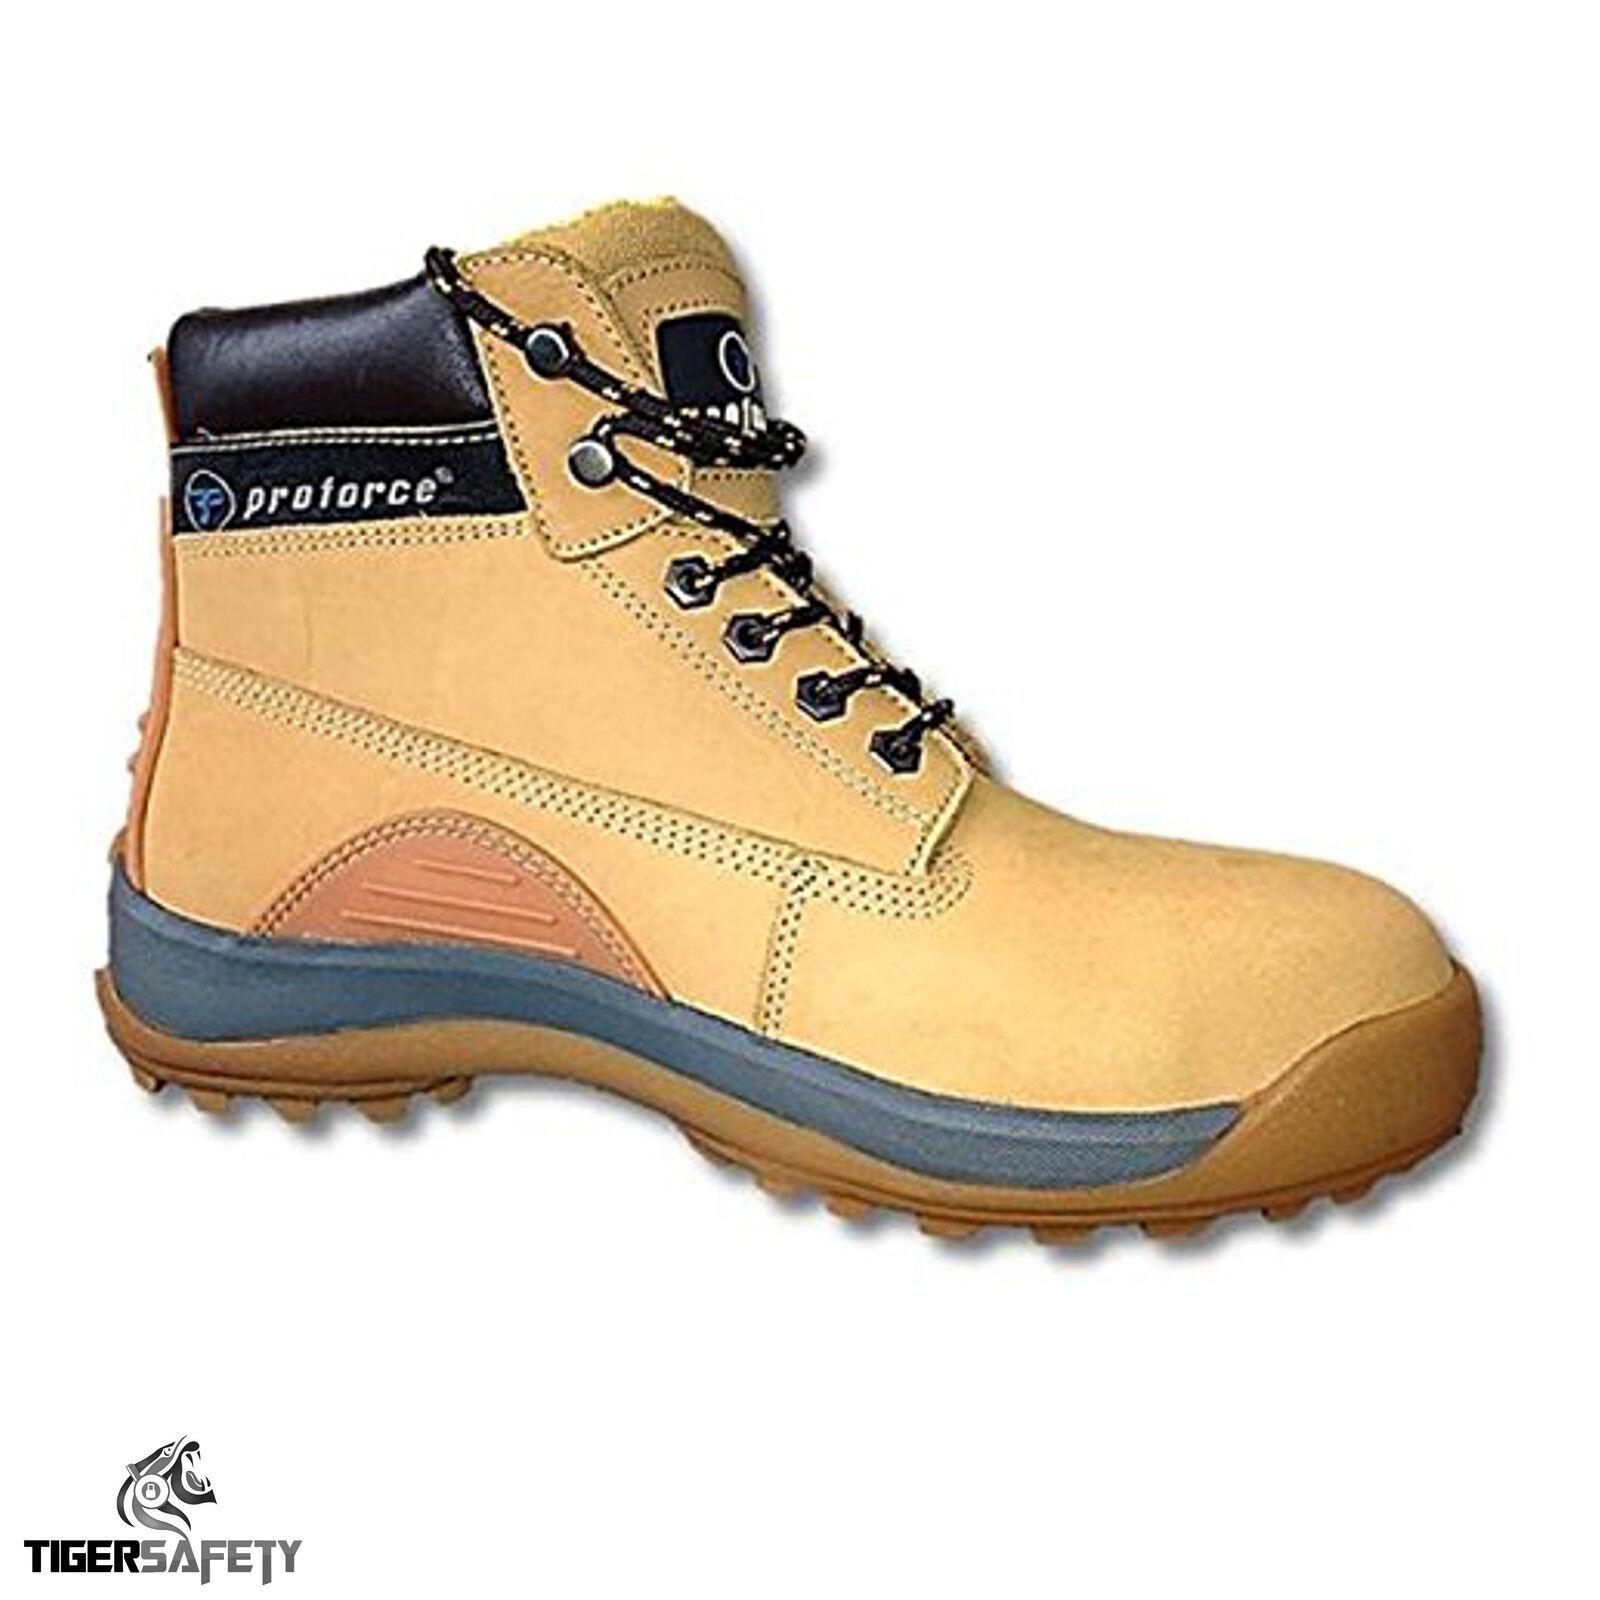 Proforce FW35 S1 in Pelle Nabuk Miele in Acciaio Puntale Stivali Di Sicurezza Lavoro Stivale PPE